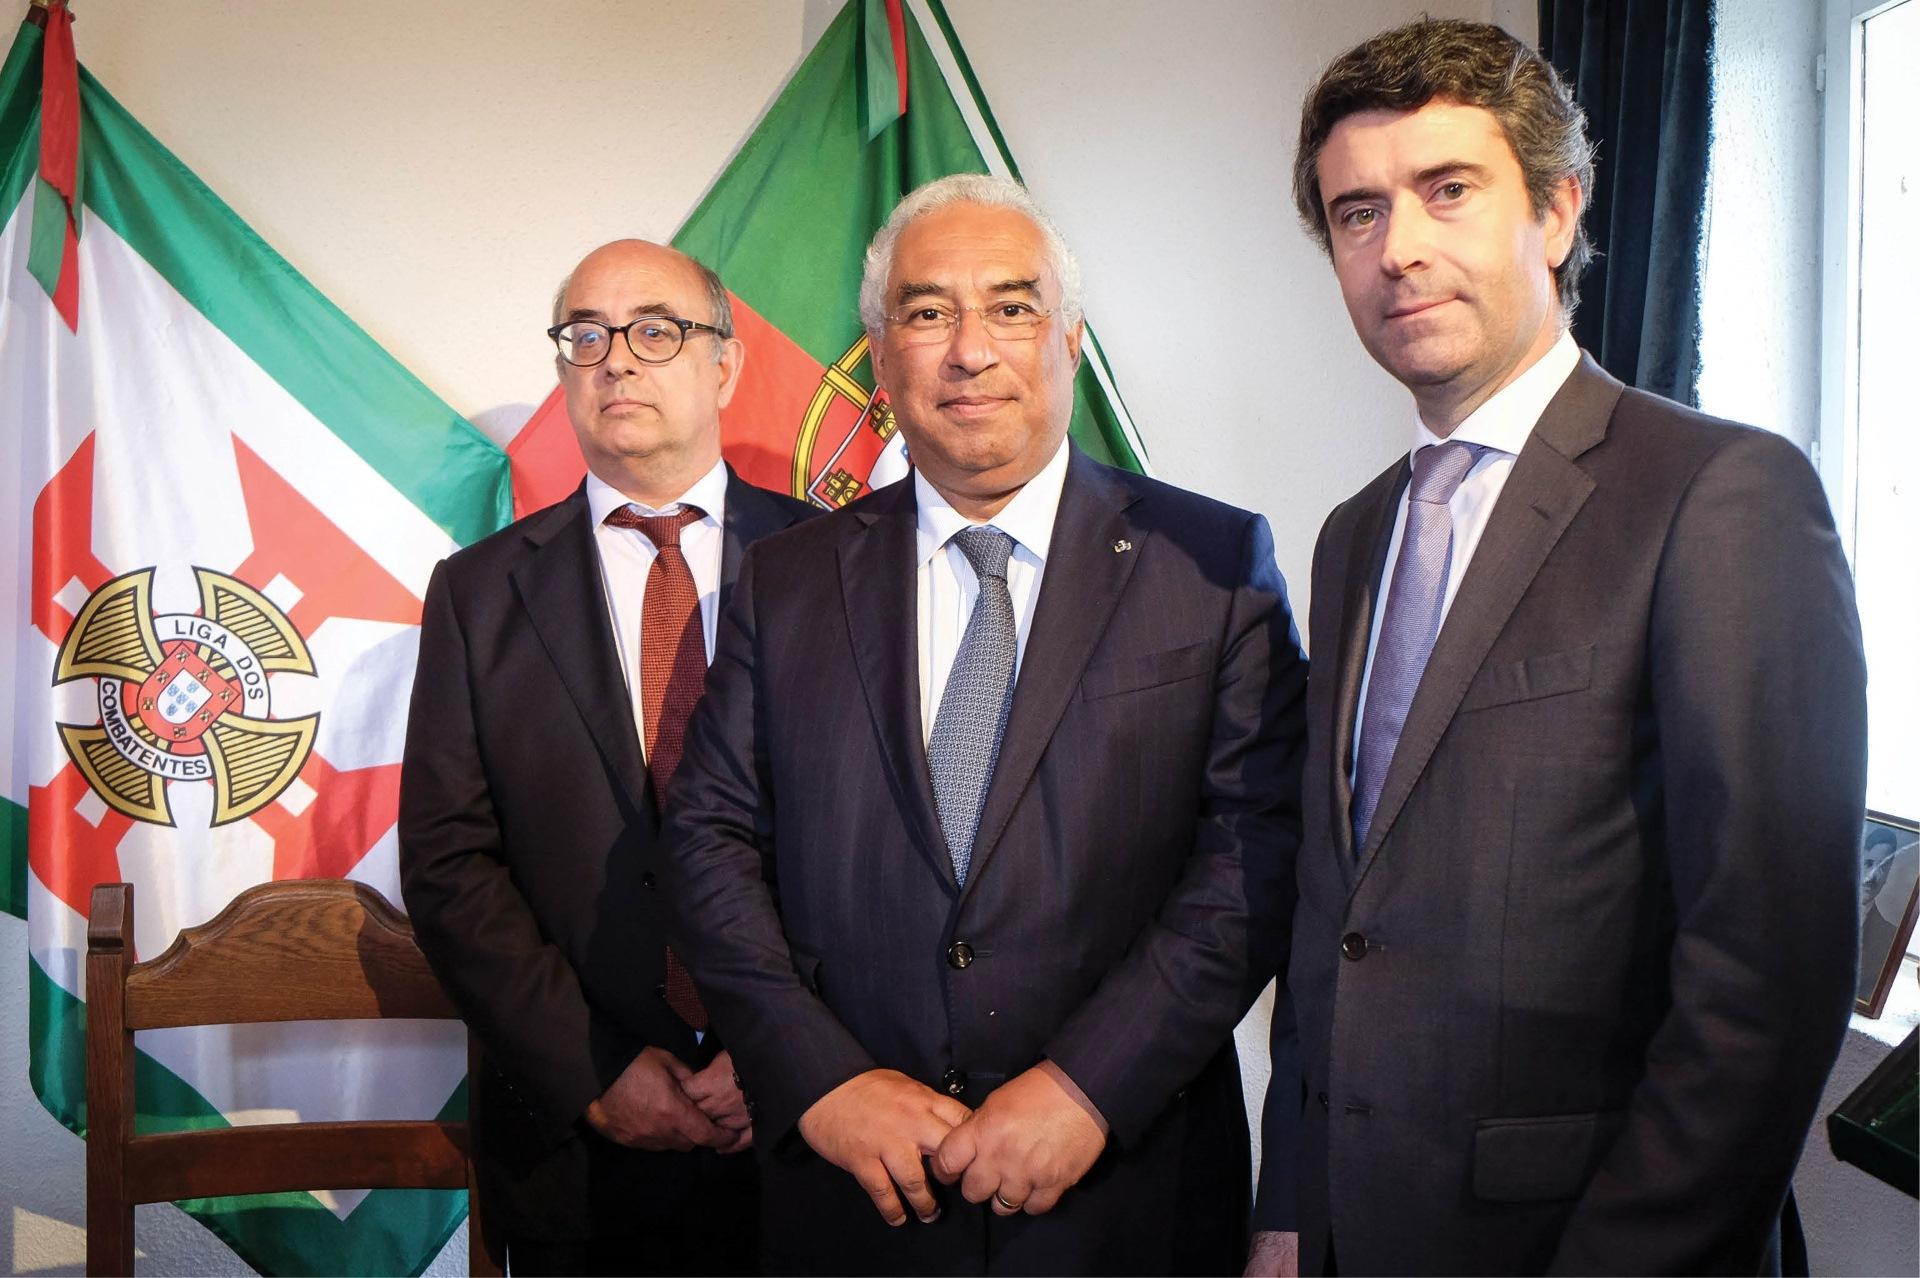 Photo of A minha desilusão com os representantes do Governo de Portugal